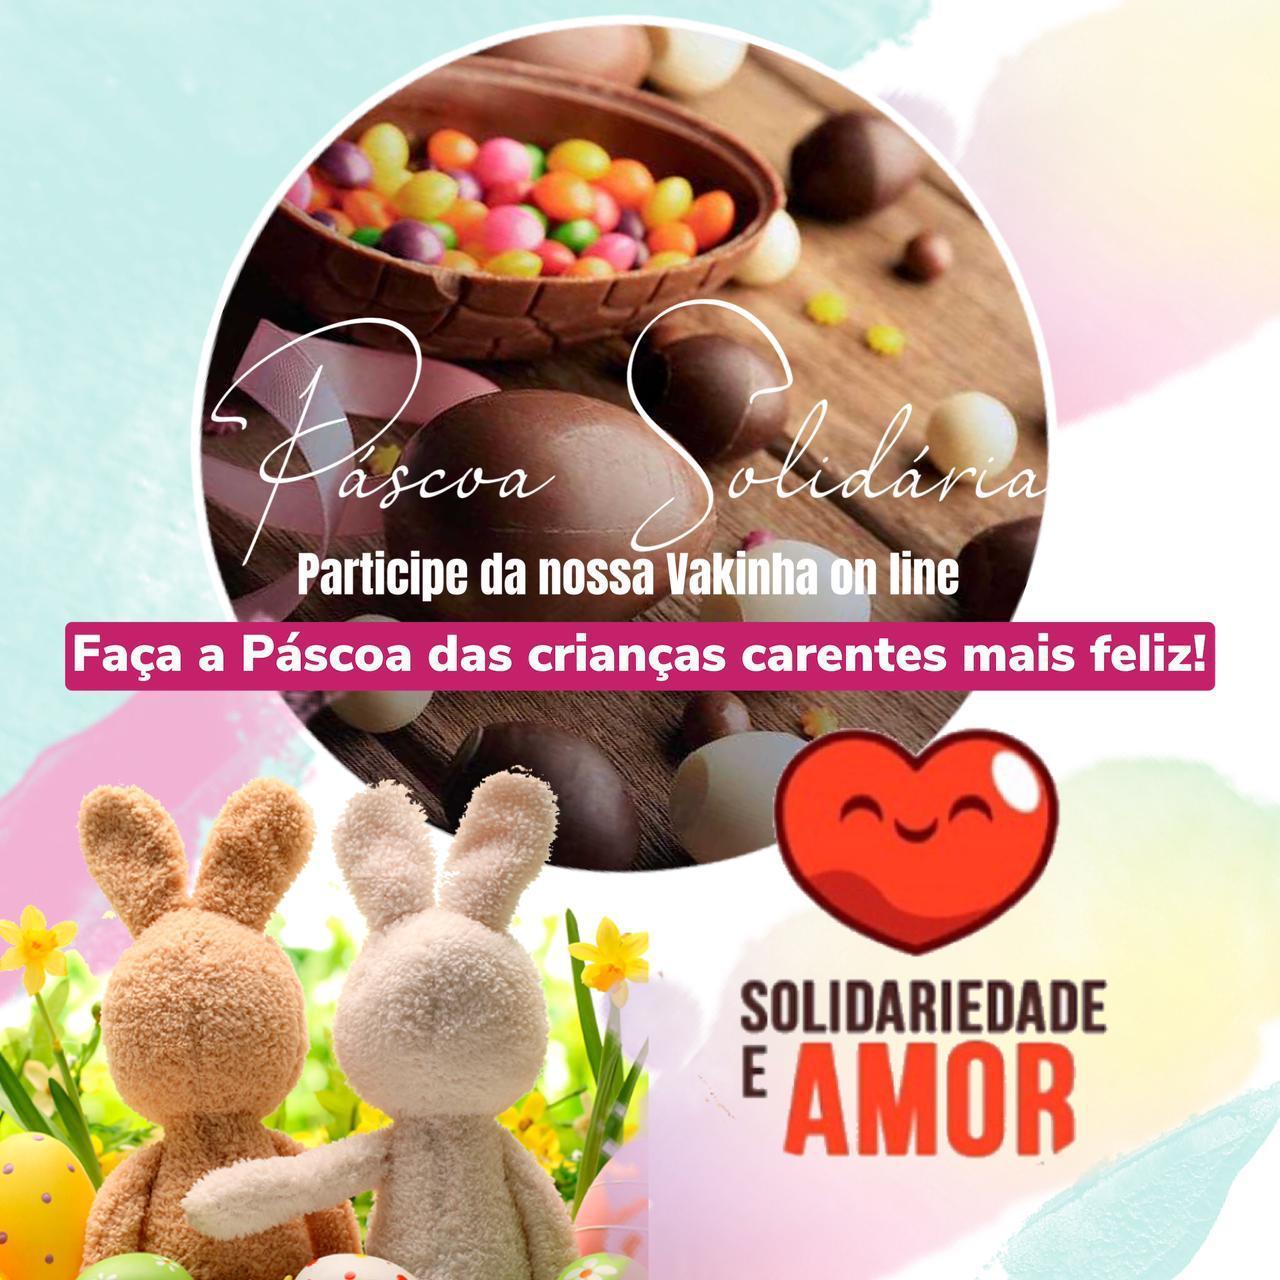 Páscoa Solidária ONG Solidariedade e Amor: Uma campanha de Esperança e Solidariedade